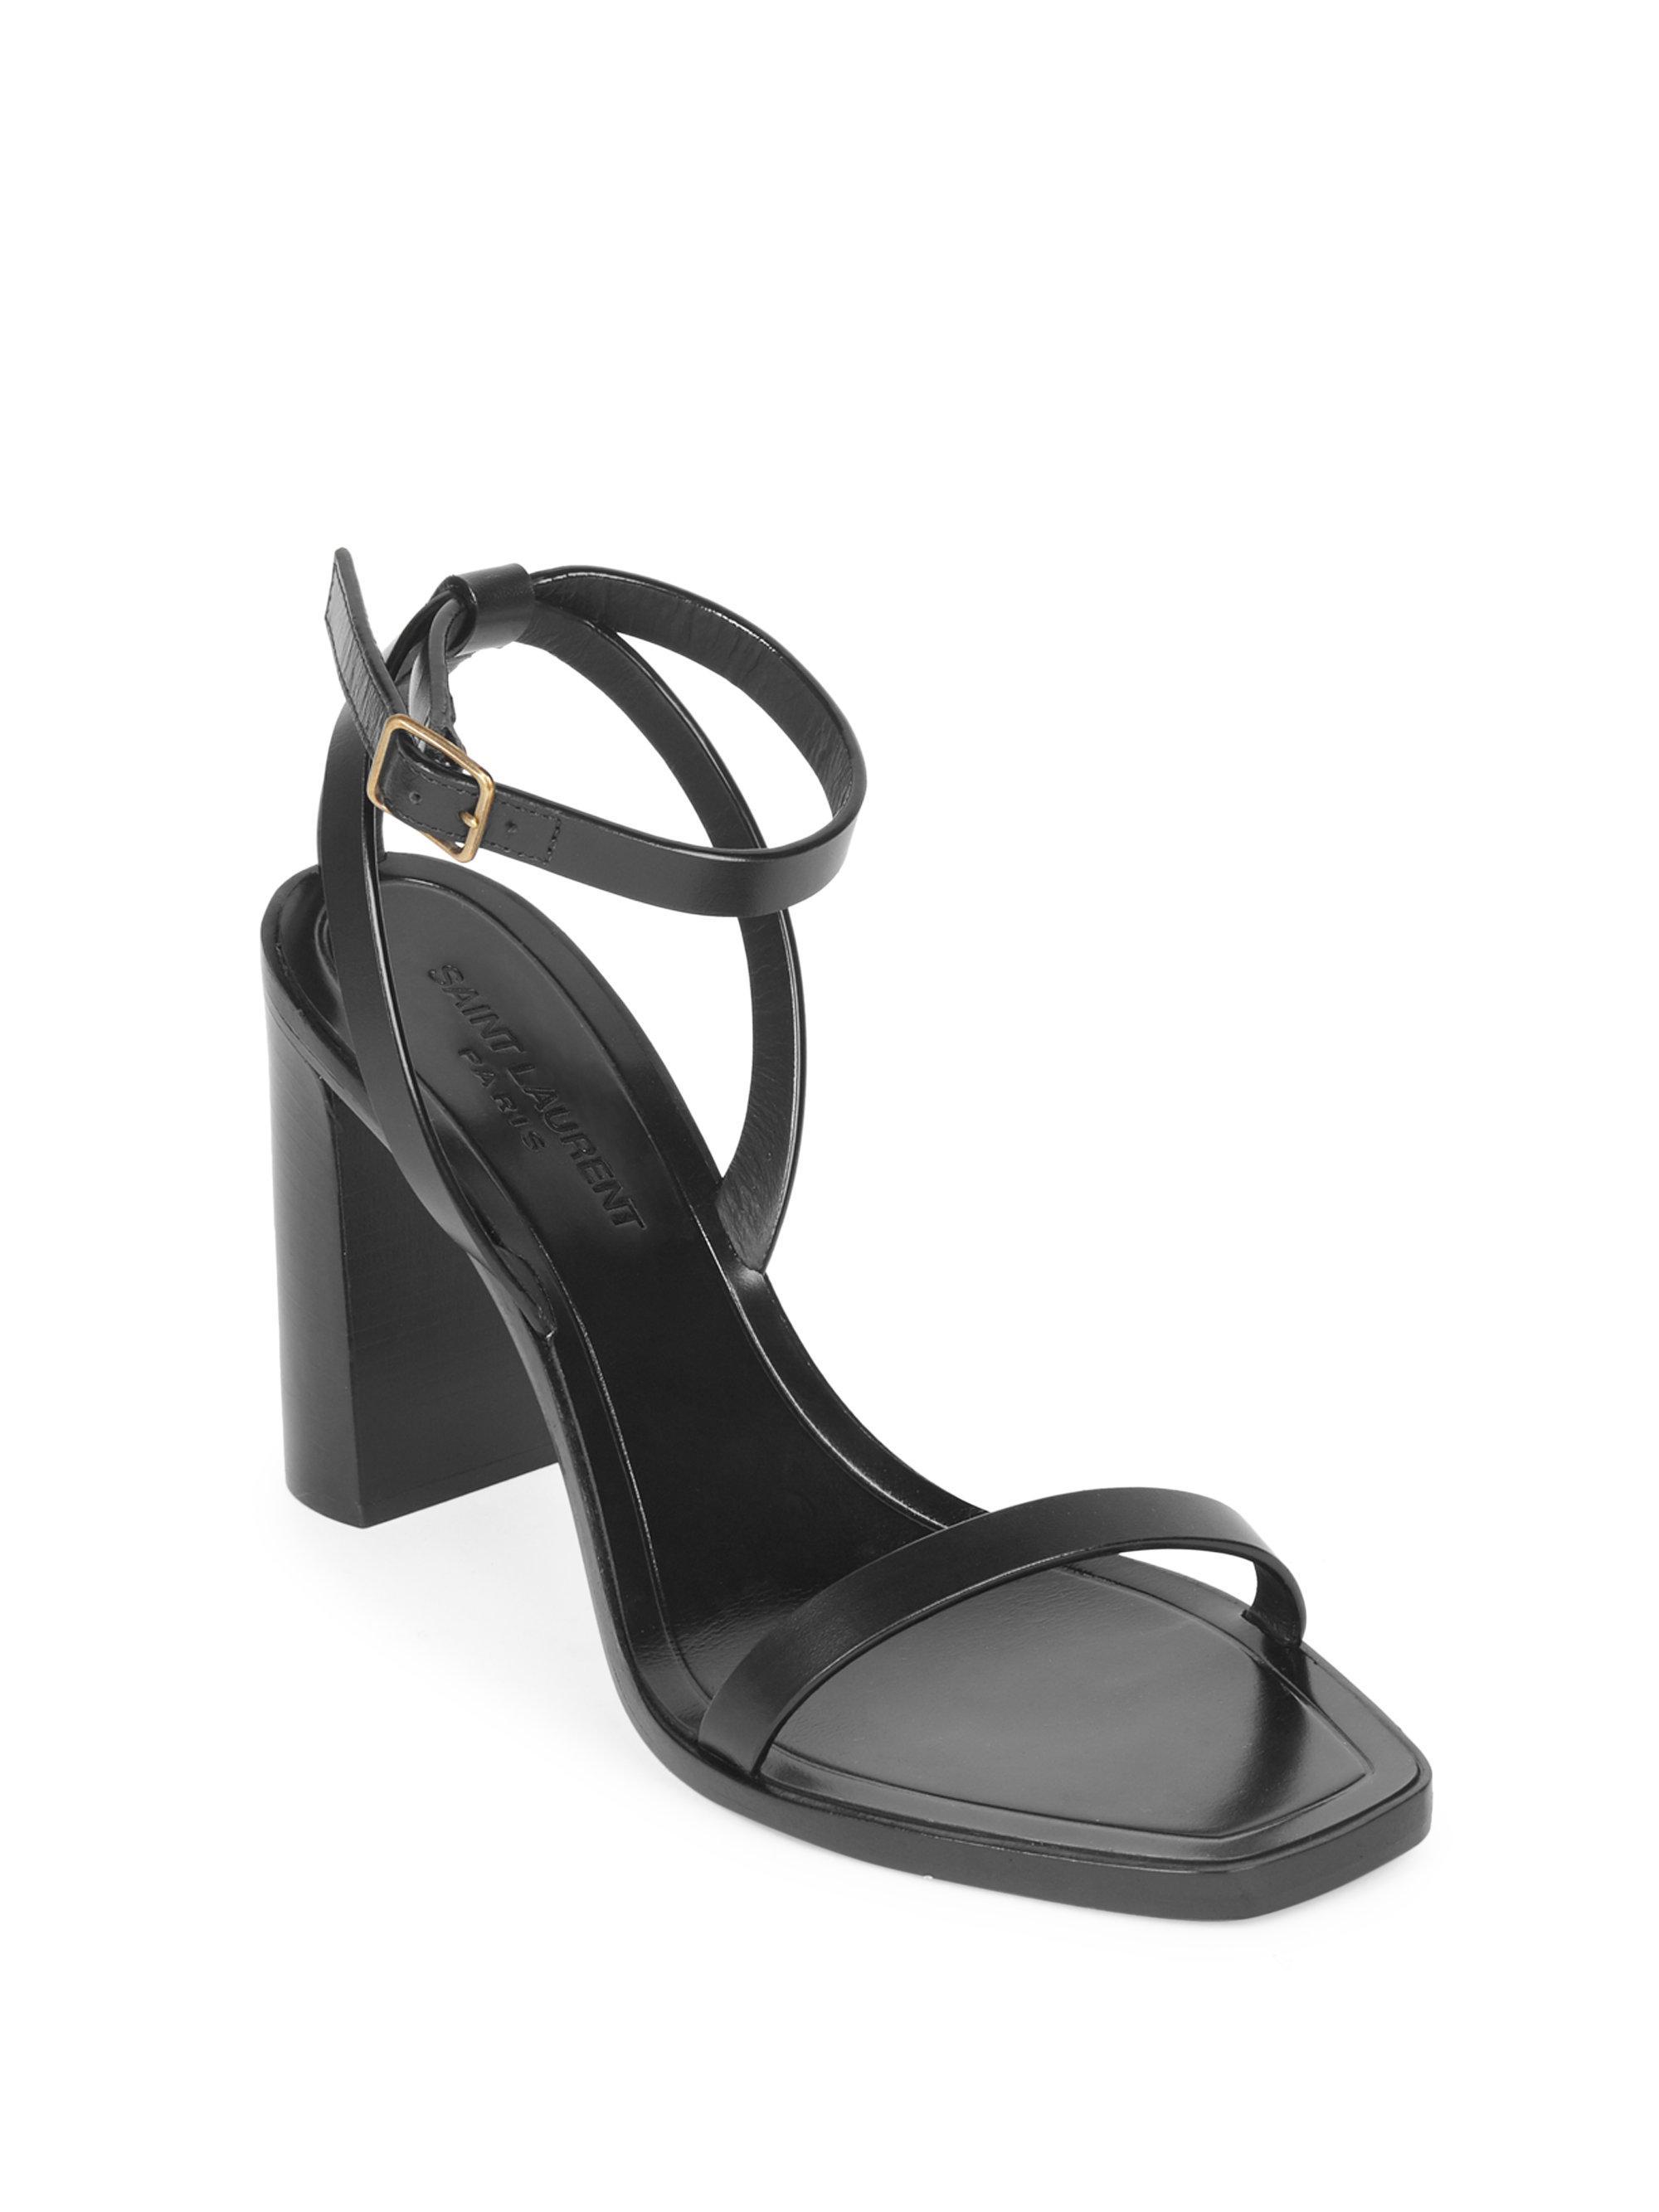 393e41acf29 Saint Laurent Women s Loulou Ankle-strap Leather Sandals - Blanco ...